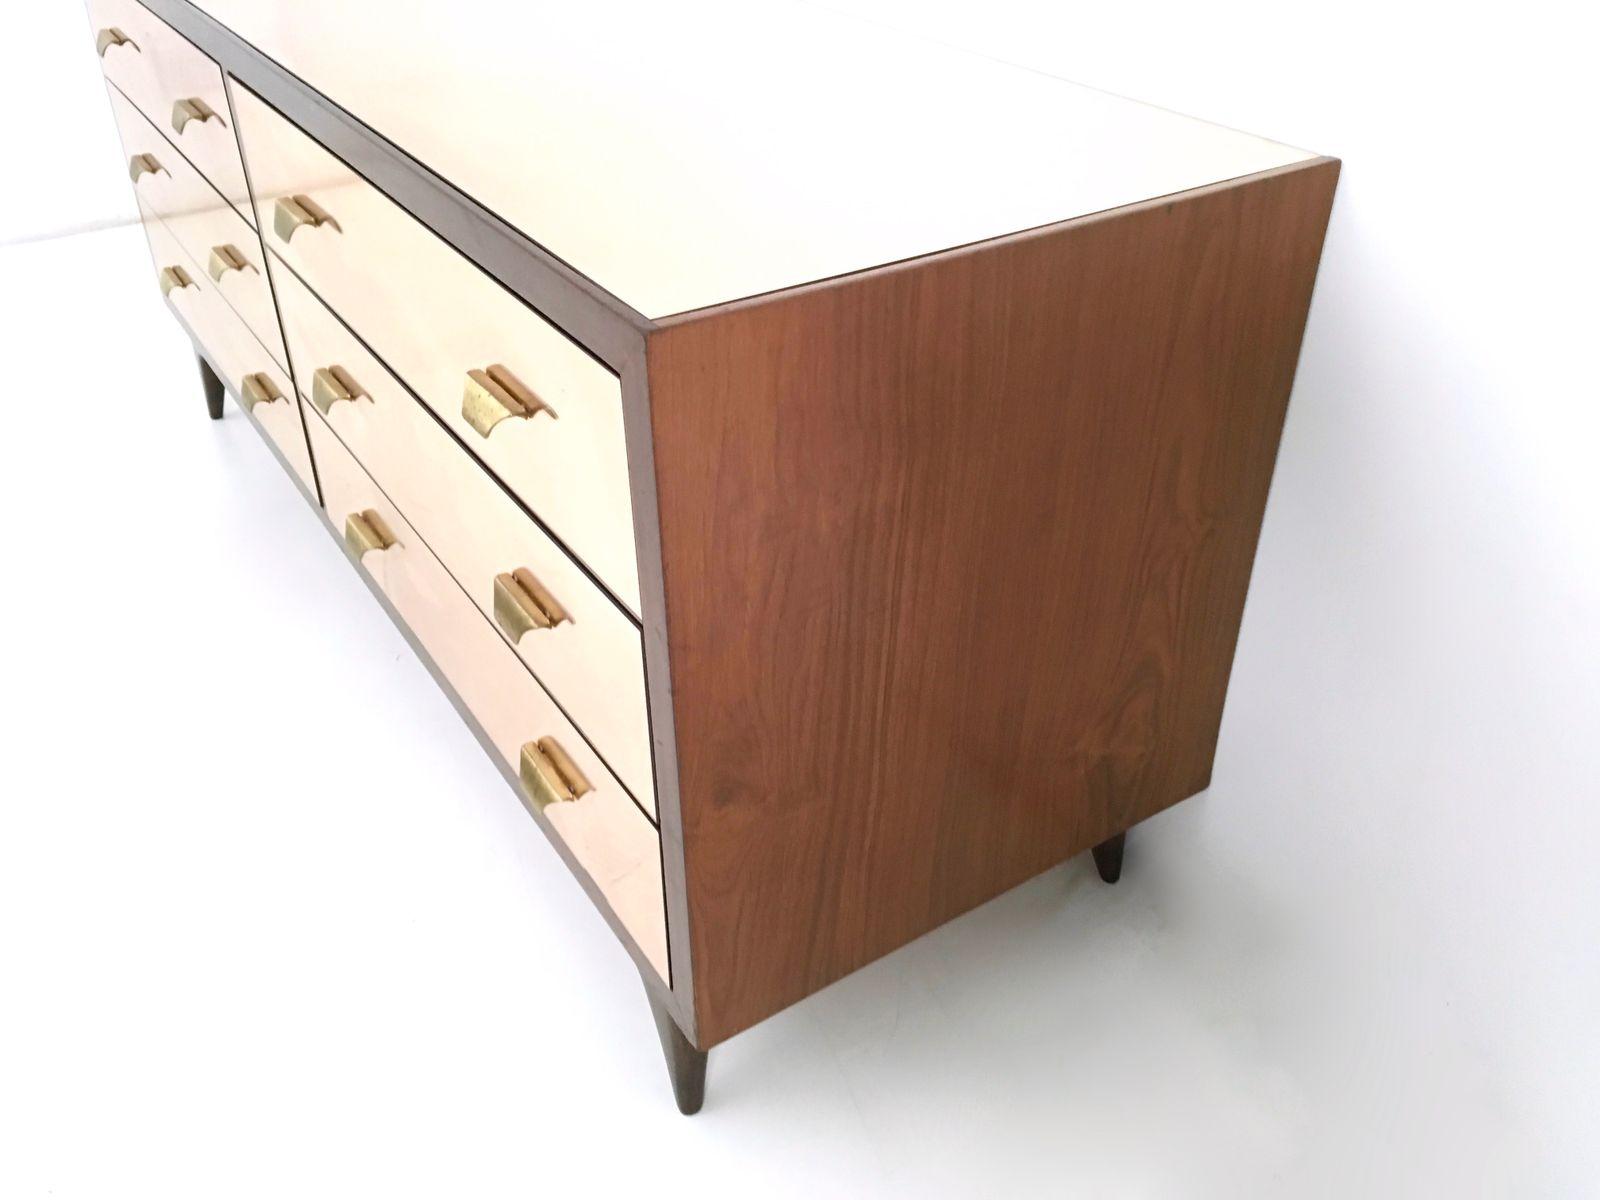 verspiegelte rosa kommode aus teakholz 1960er bei pamono. Black Bedroom Furniture Sets. Home Design Ideas